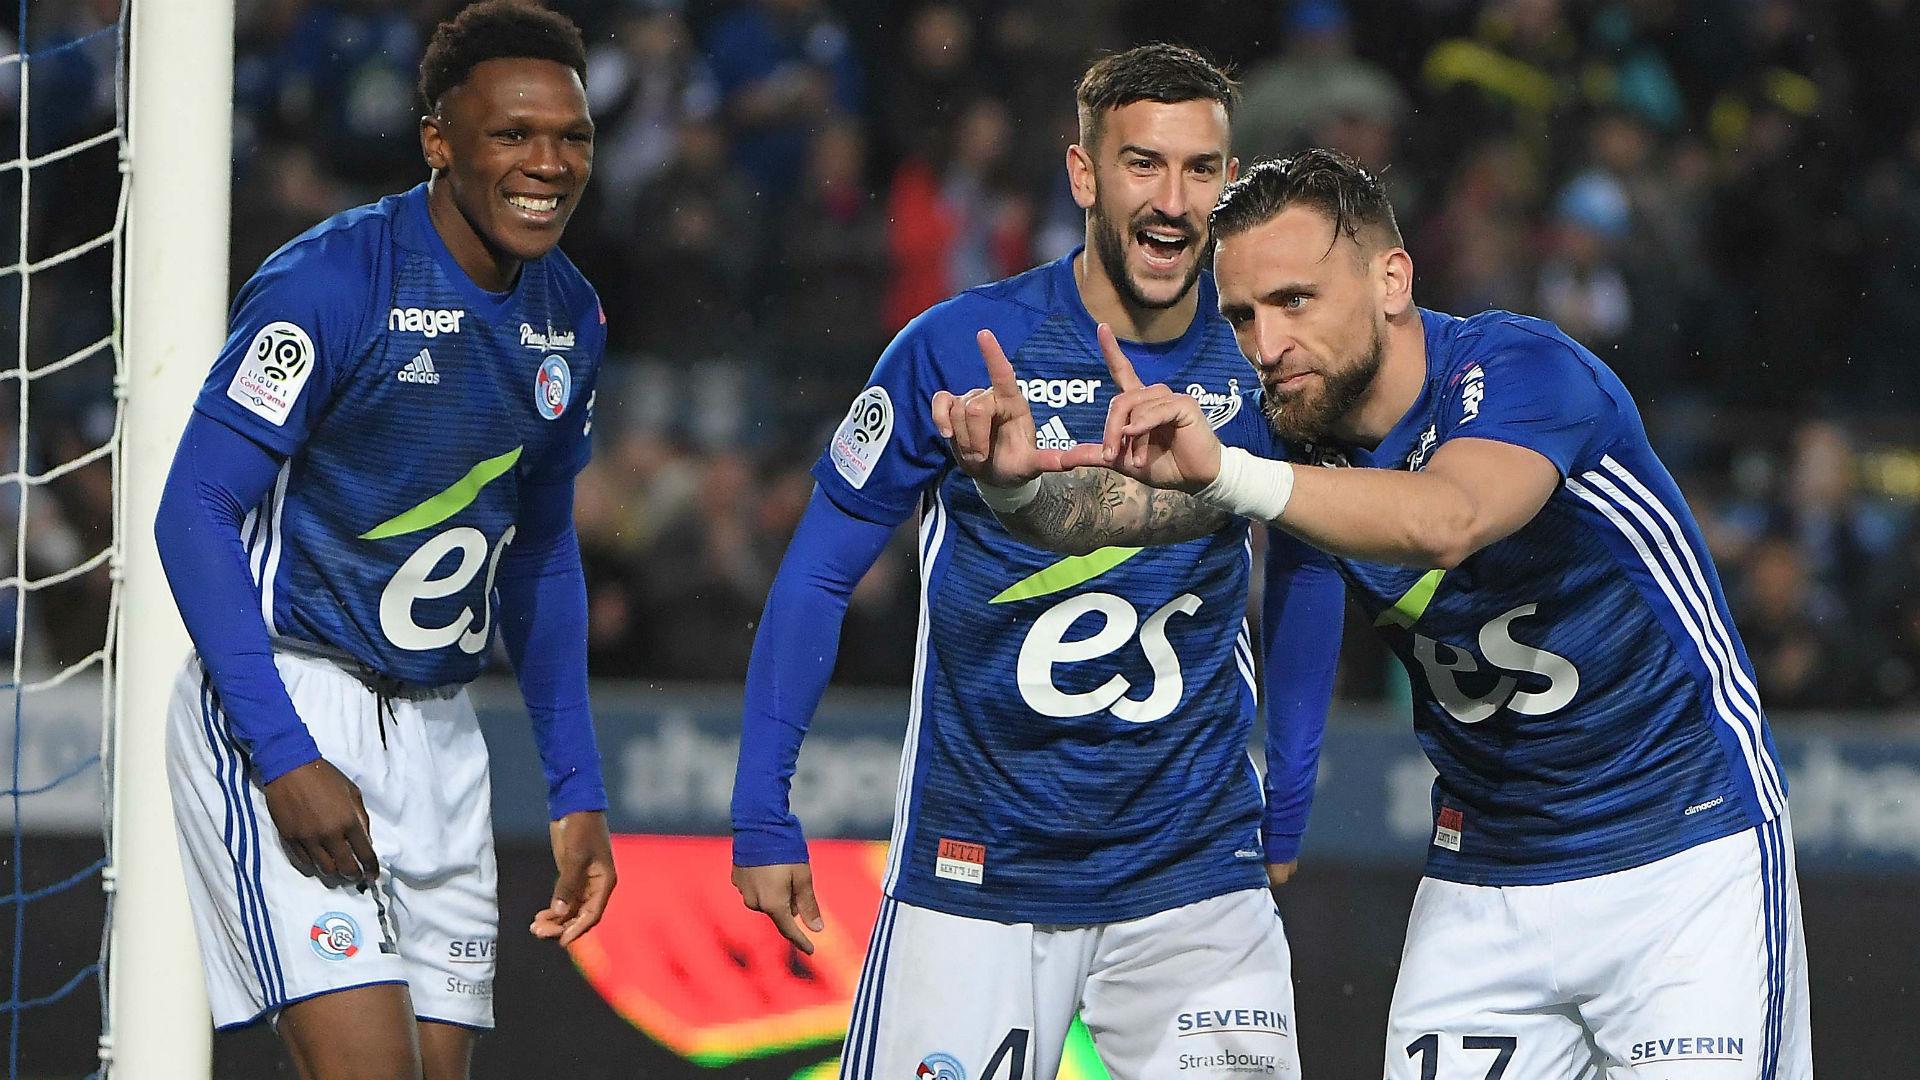 strasbourg   le calendrier de ligue 1 pour la saison 2019